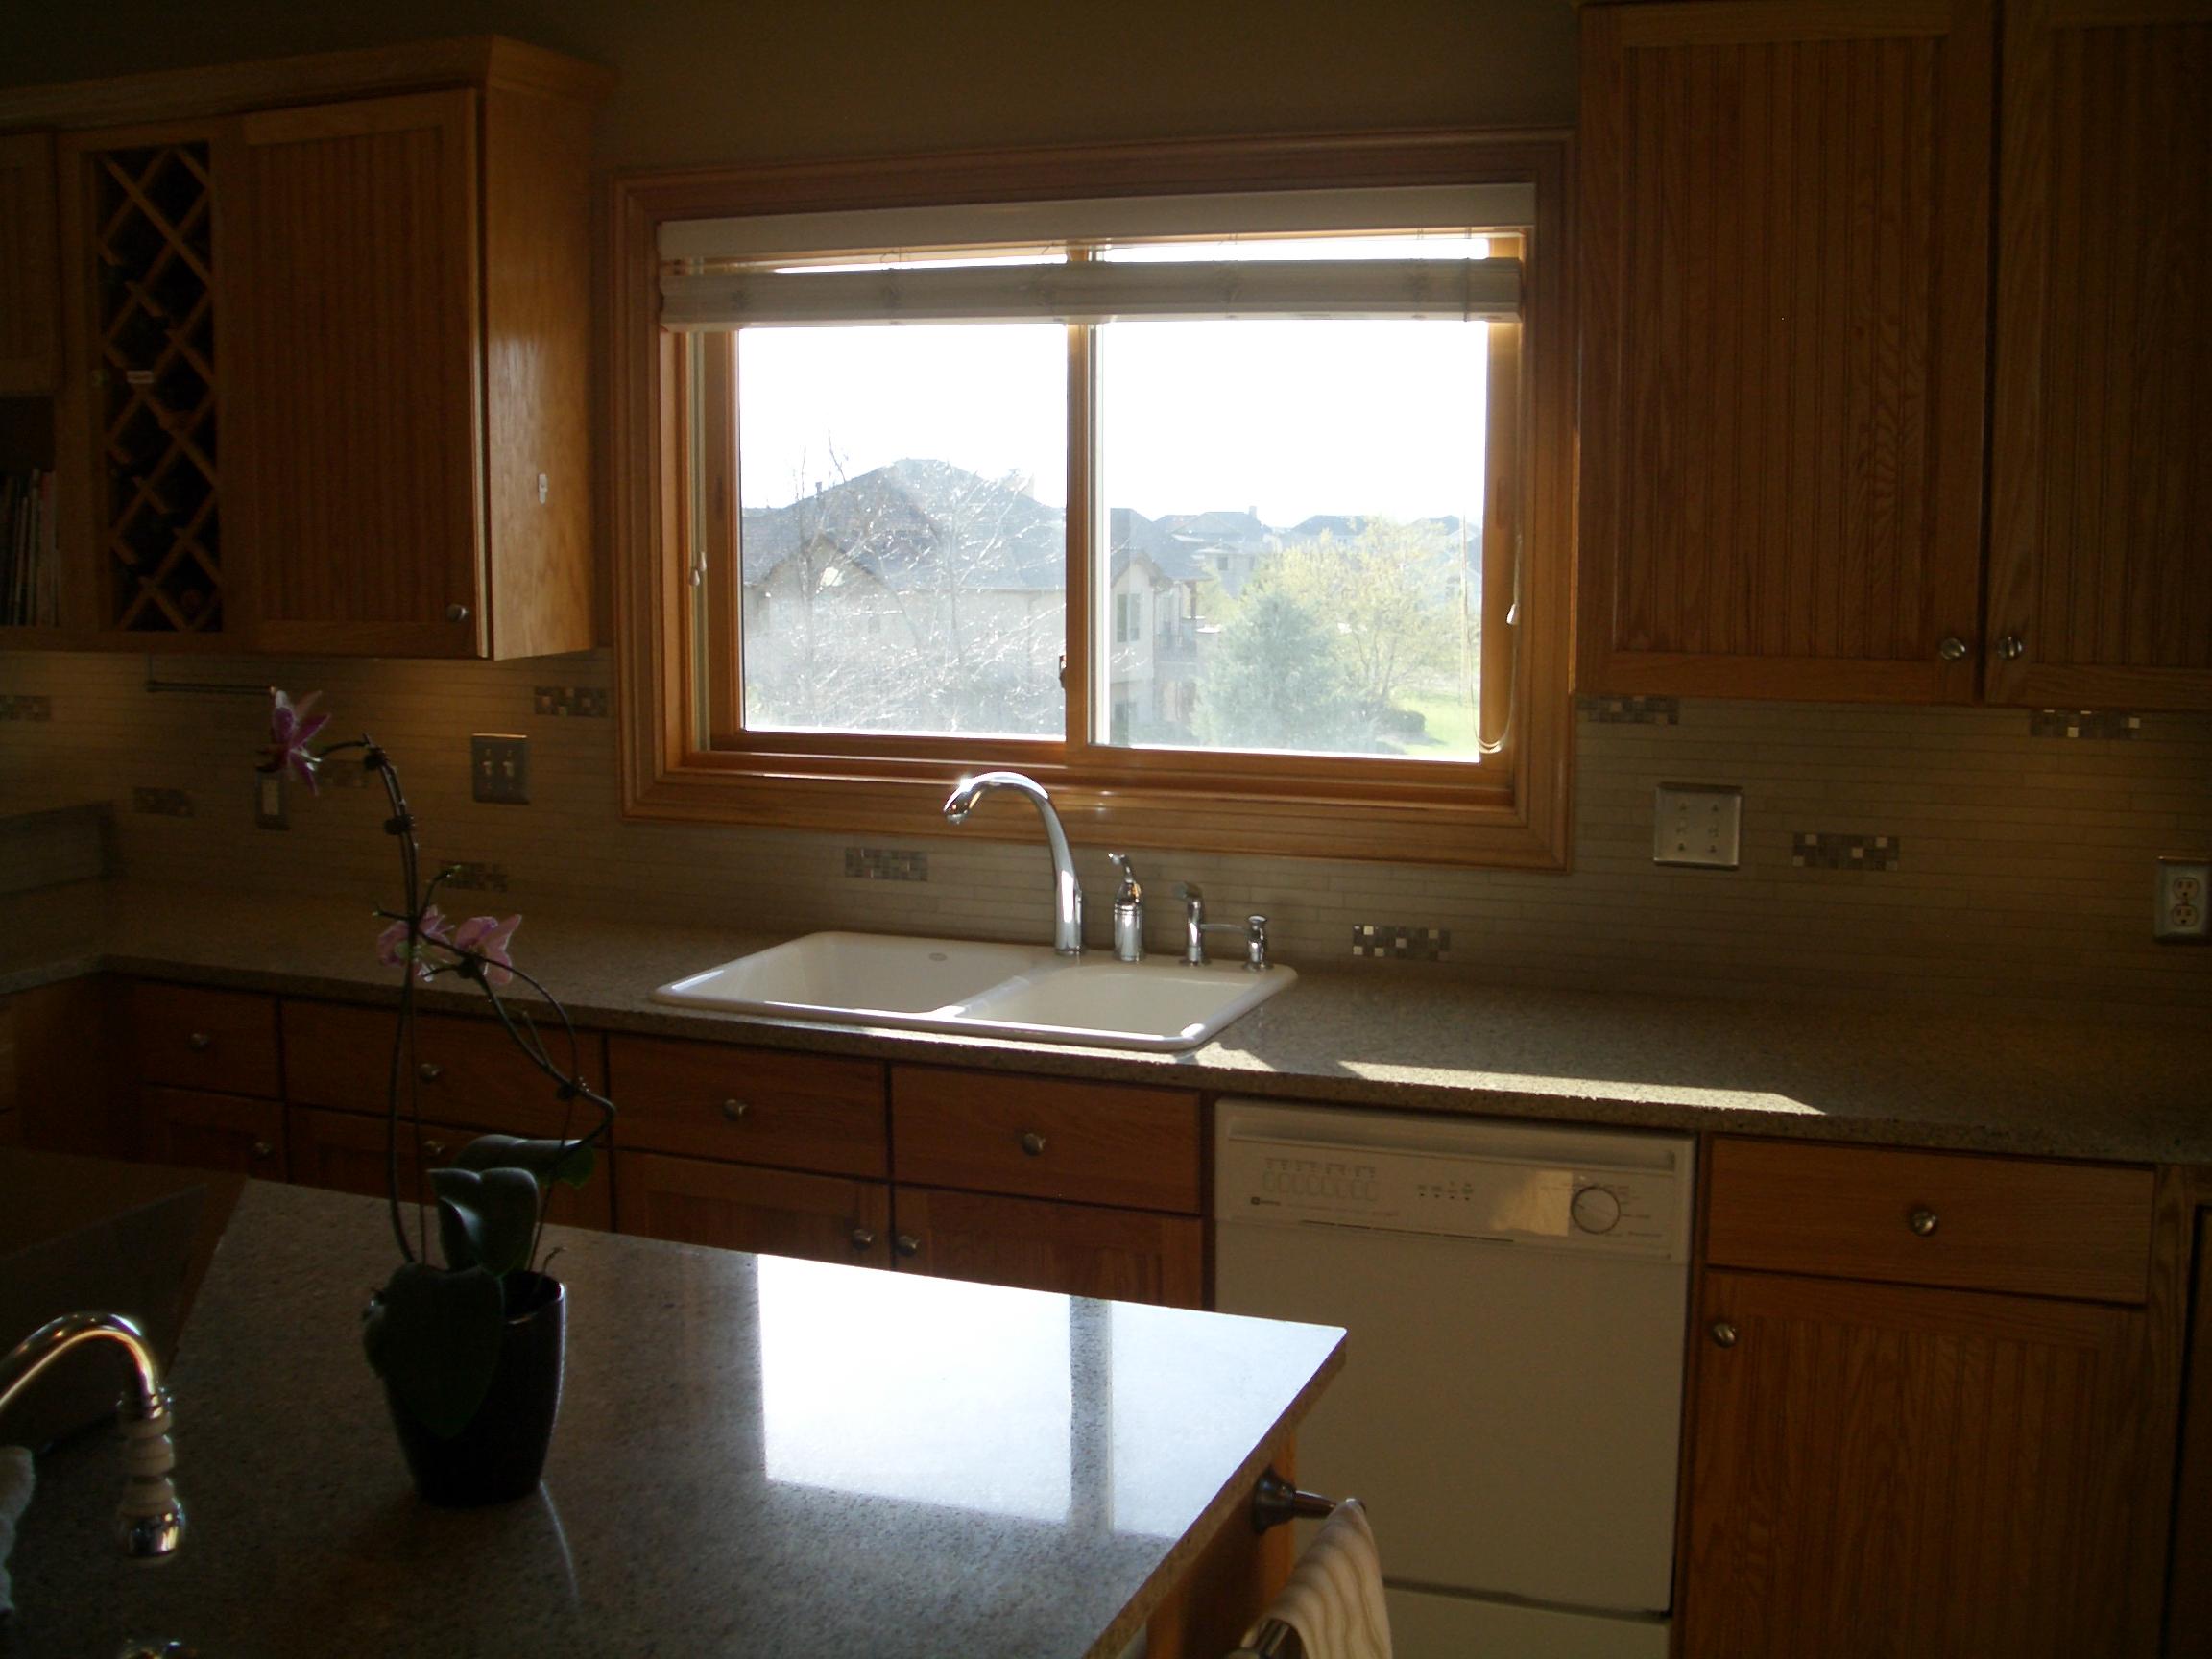 porcelain and glass kitchen backsplash in windsor